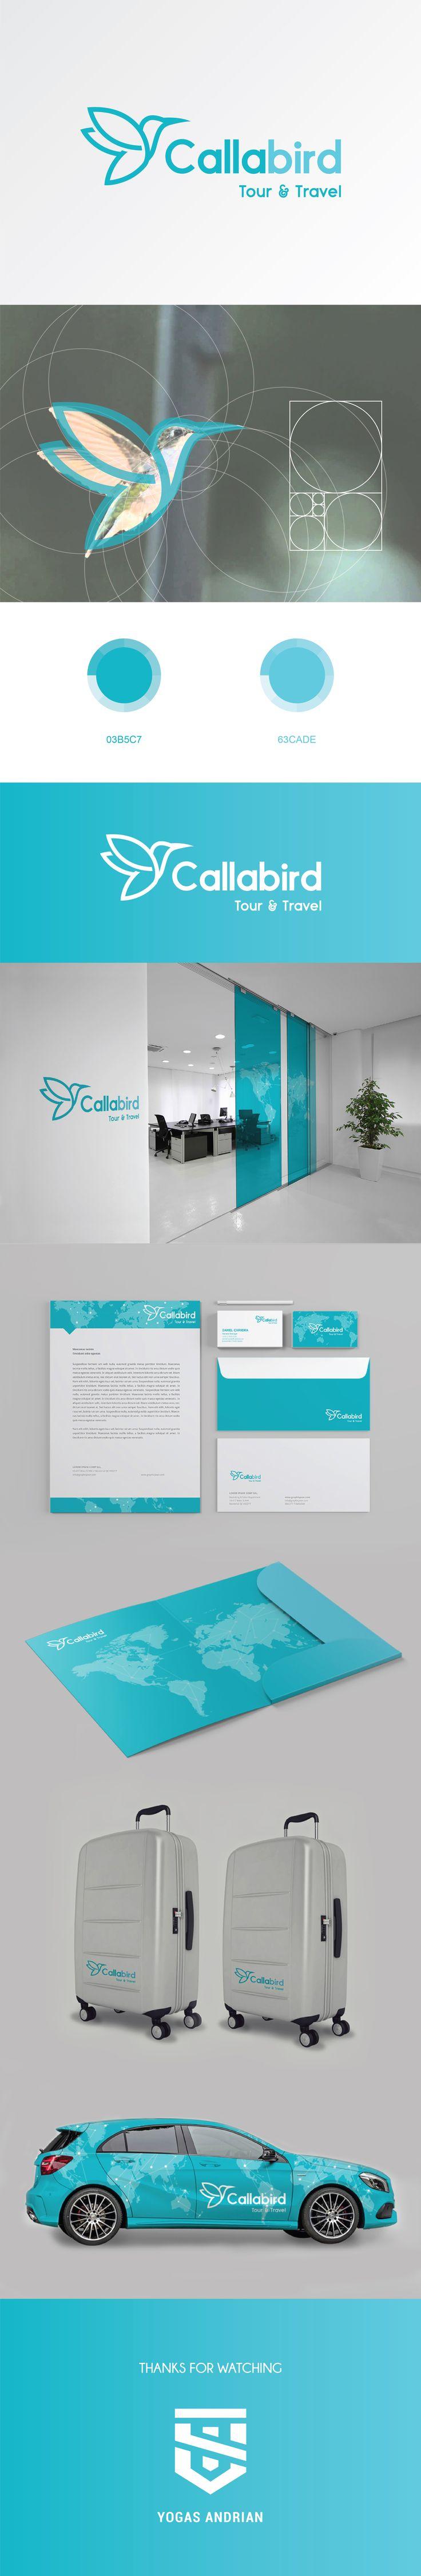 """Check out my @Behance project: """"Callabird Branding Identity"""" https://www.behance.net/gallery/58666729/Callabird-Branding-Identity"""